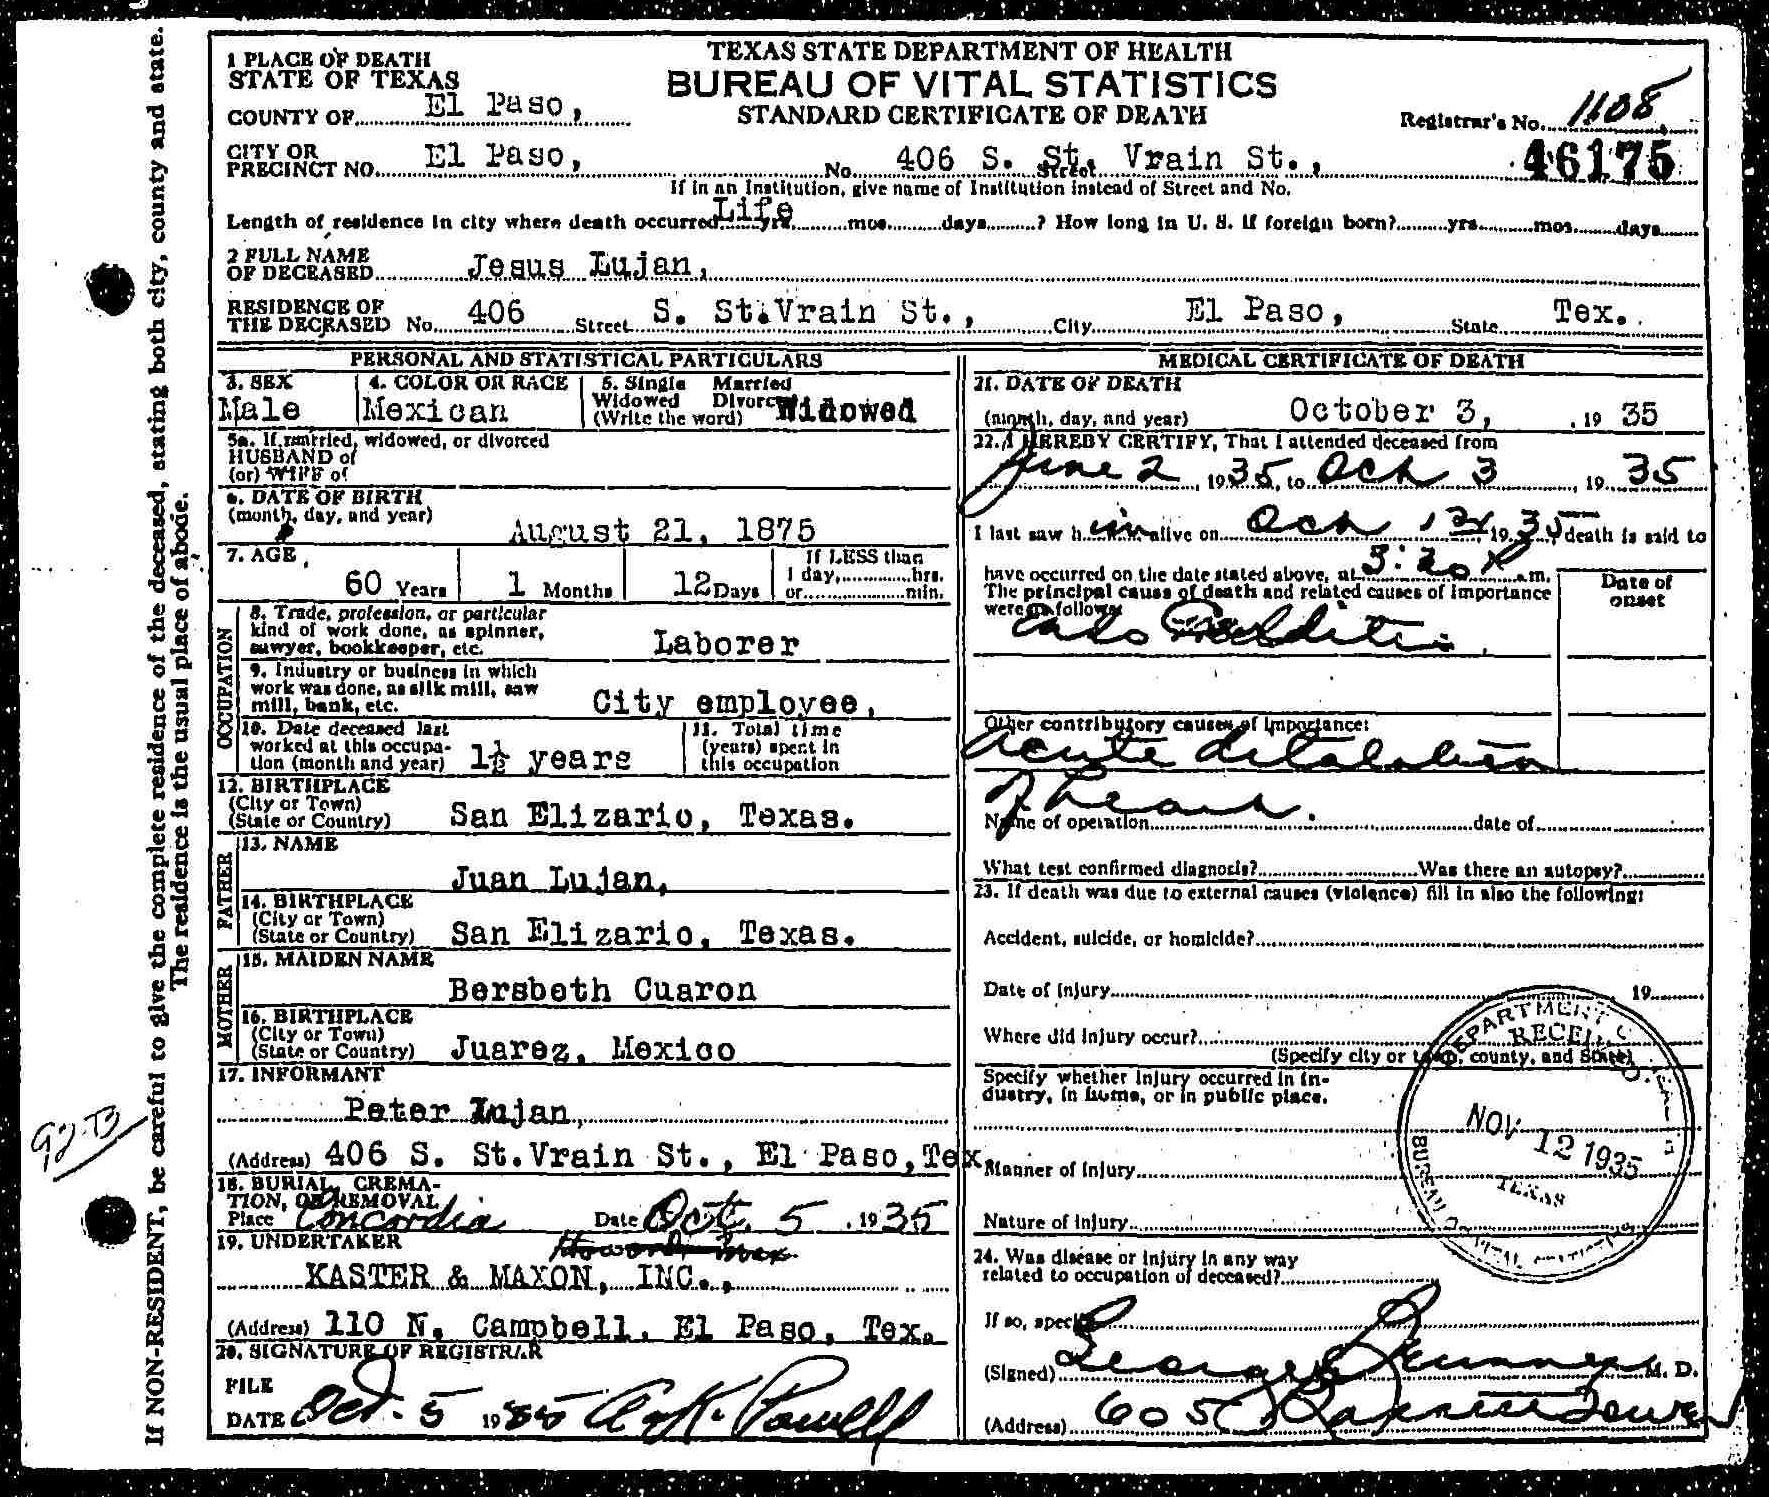 Death Certificate of Jesus Luján (1875-1935)